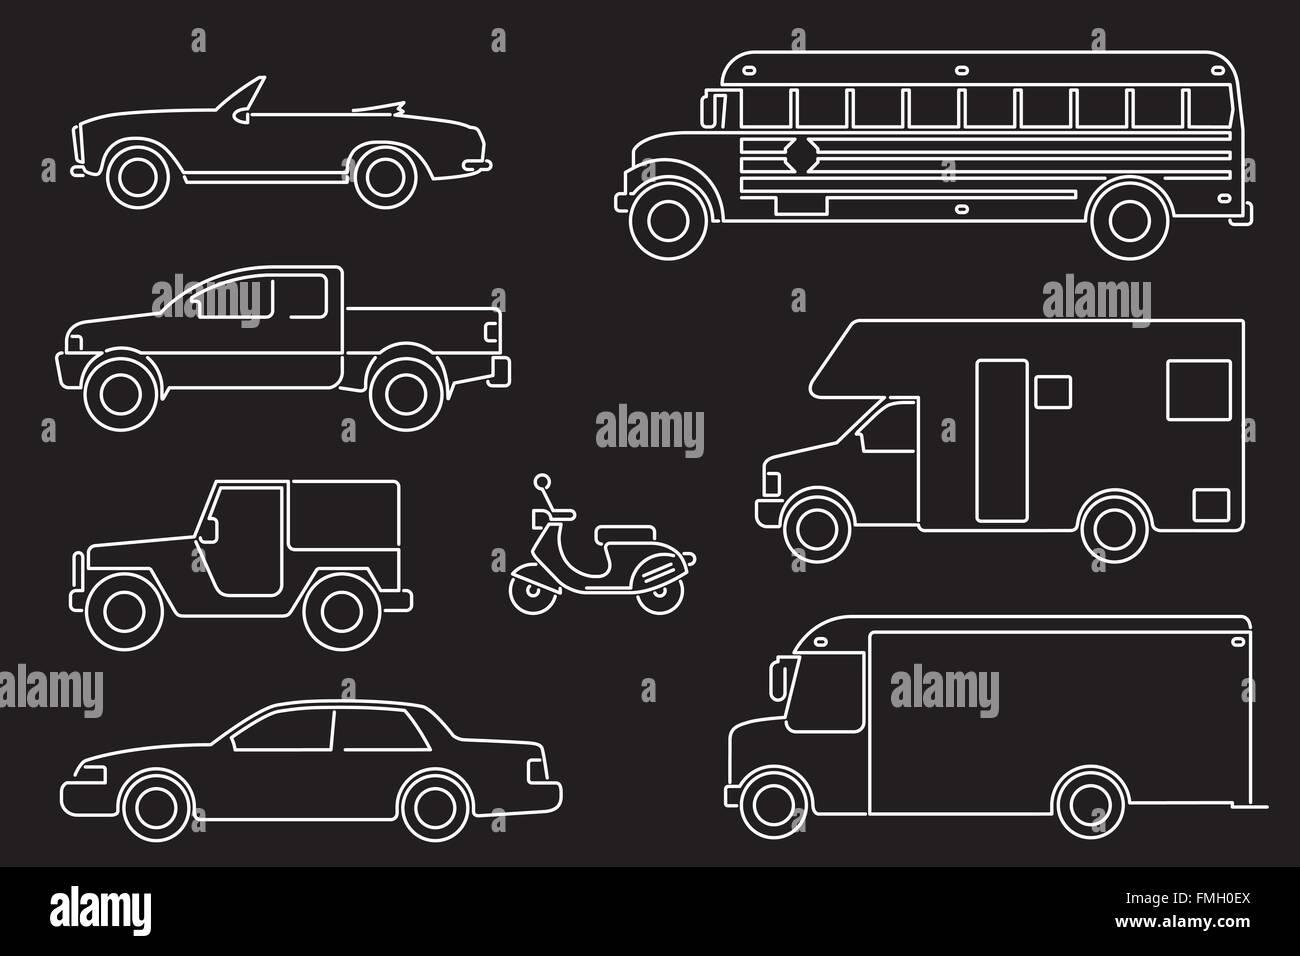 Set von acht Kfz-Illustrationen, Symbol Linienart, weiß auf schwarz Stockbild